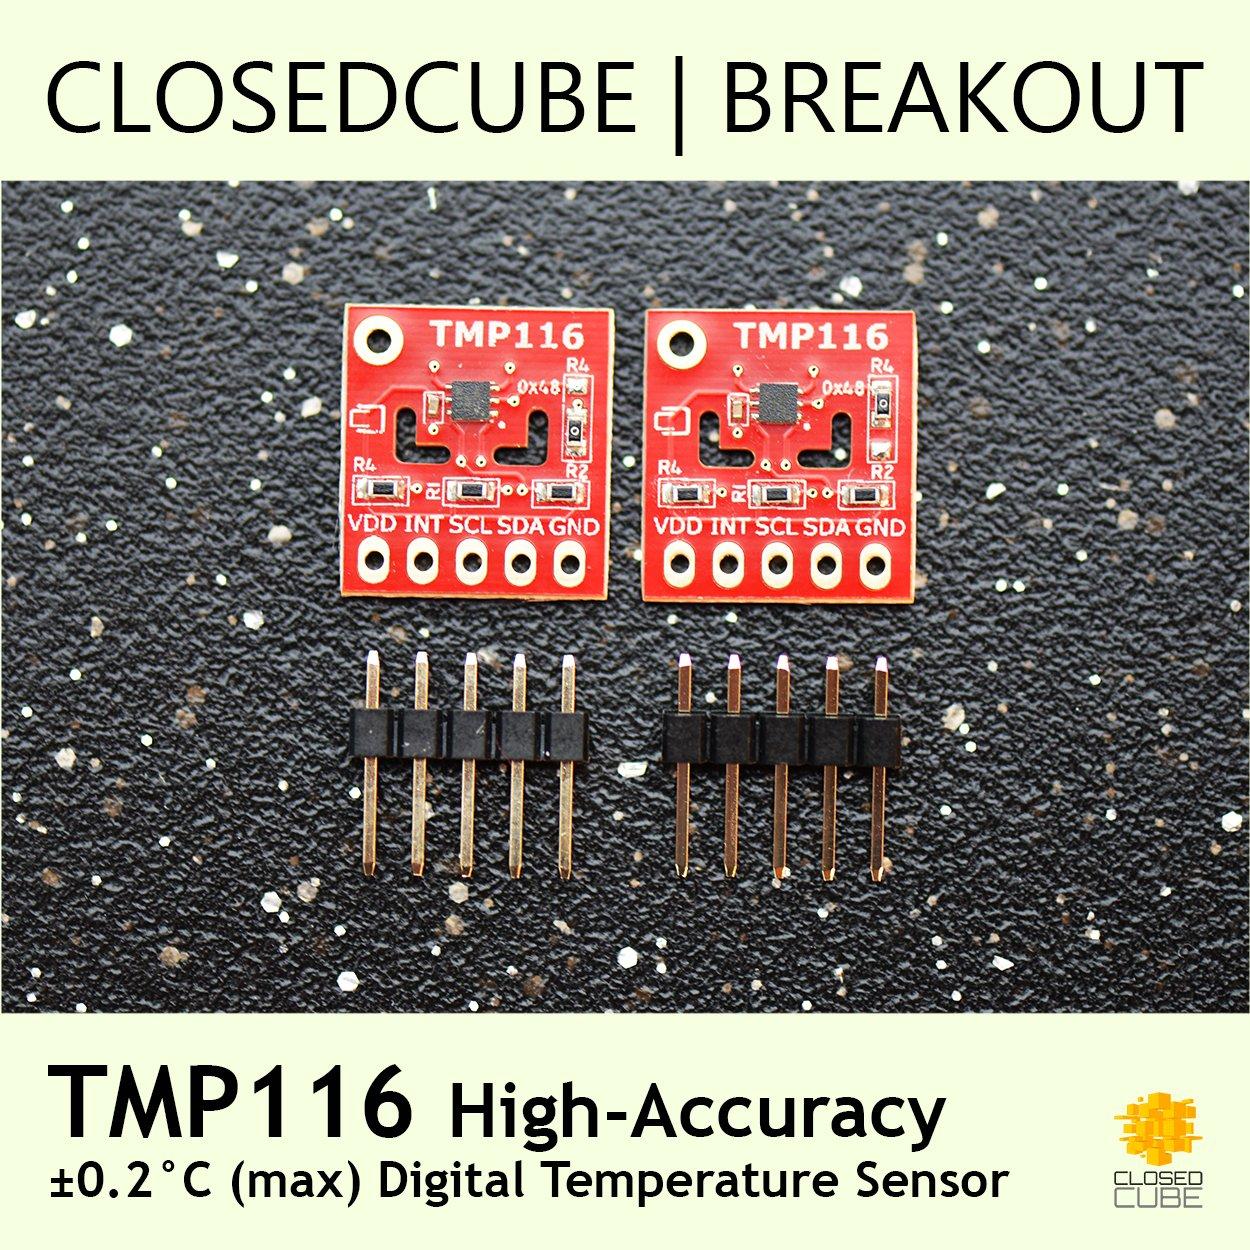 ClosedCube TMP116 High-Accuracy Low-Power Digital Temperature Sensor Breakout Boards (2 pcs)